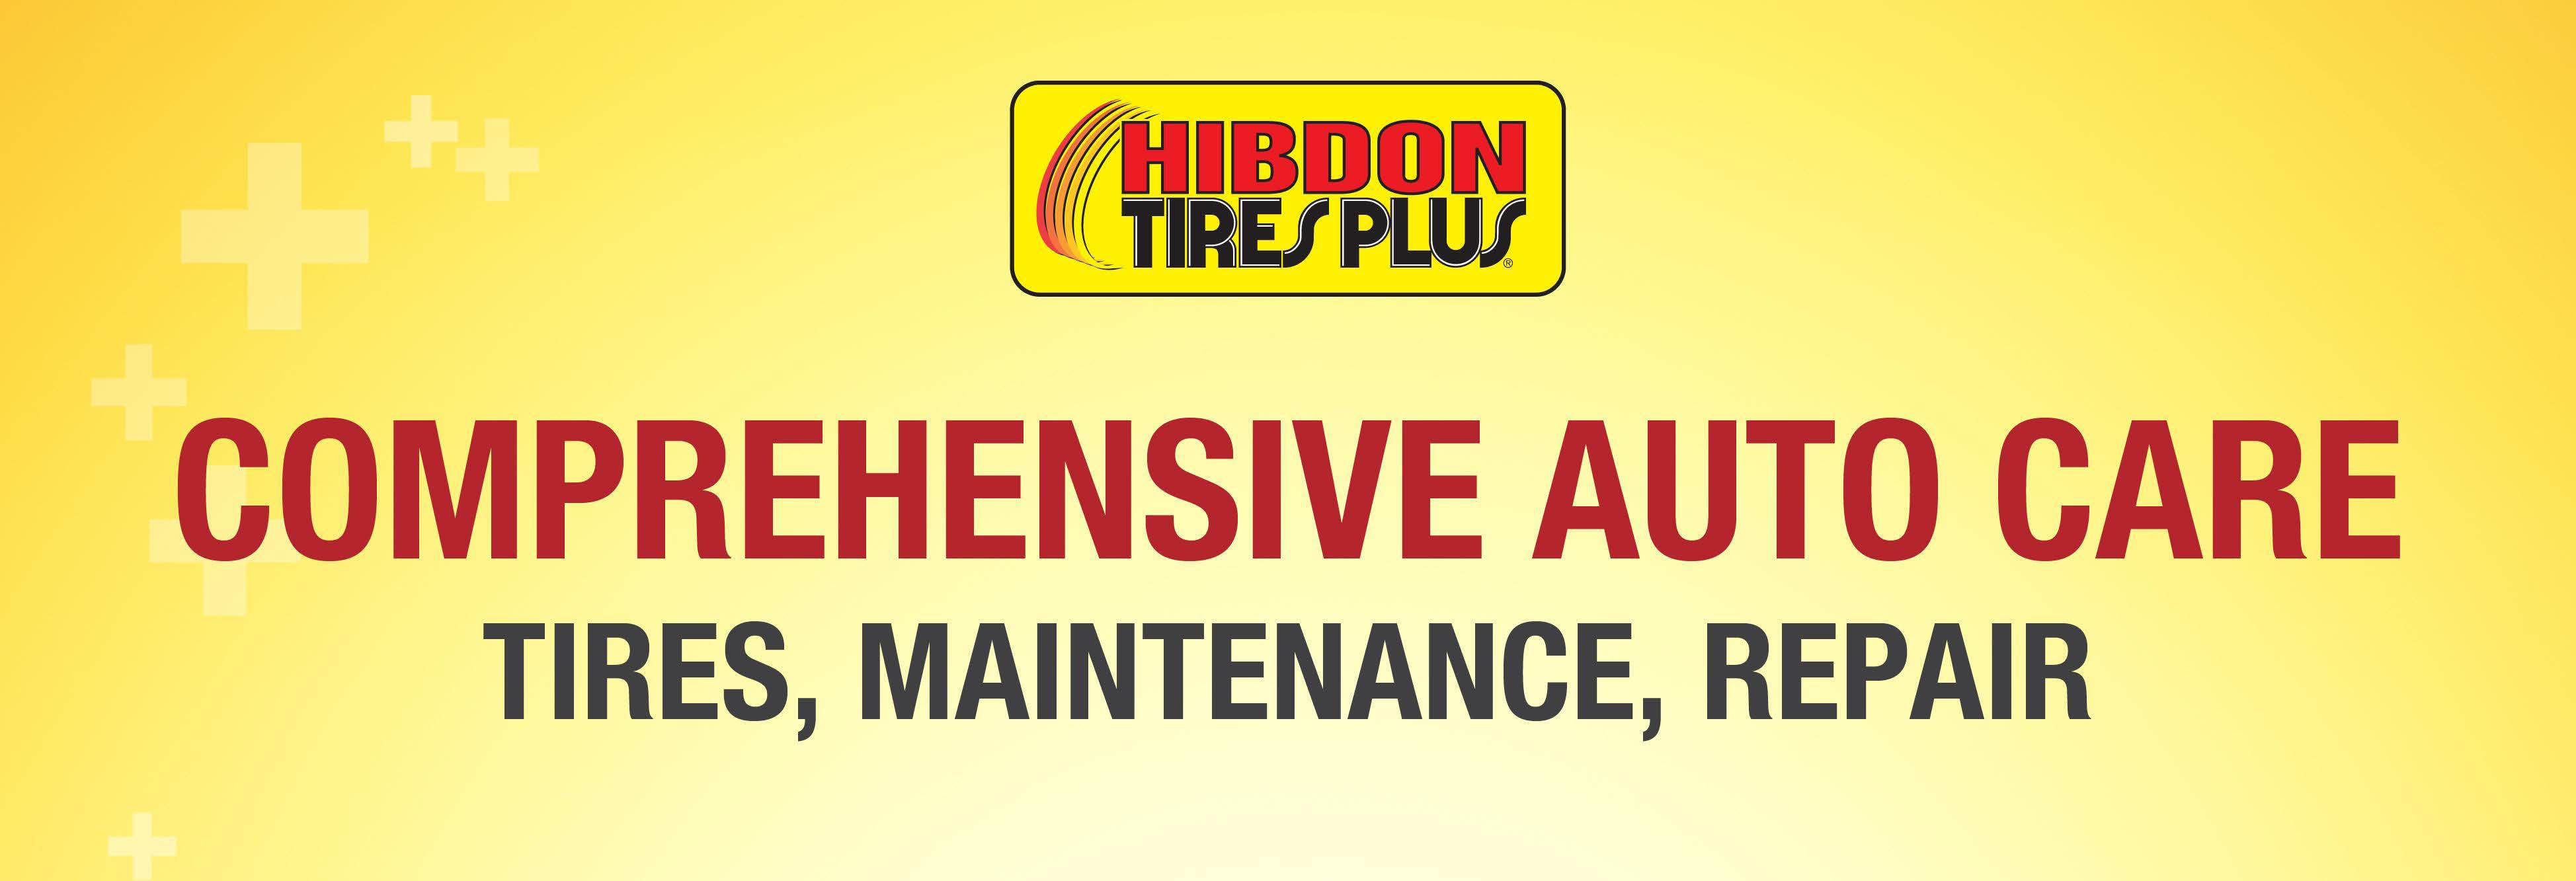 Hibdon Tires Plus near me Oklahoma City OK Oklahoma Tires Plus Oil change coupon